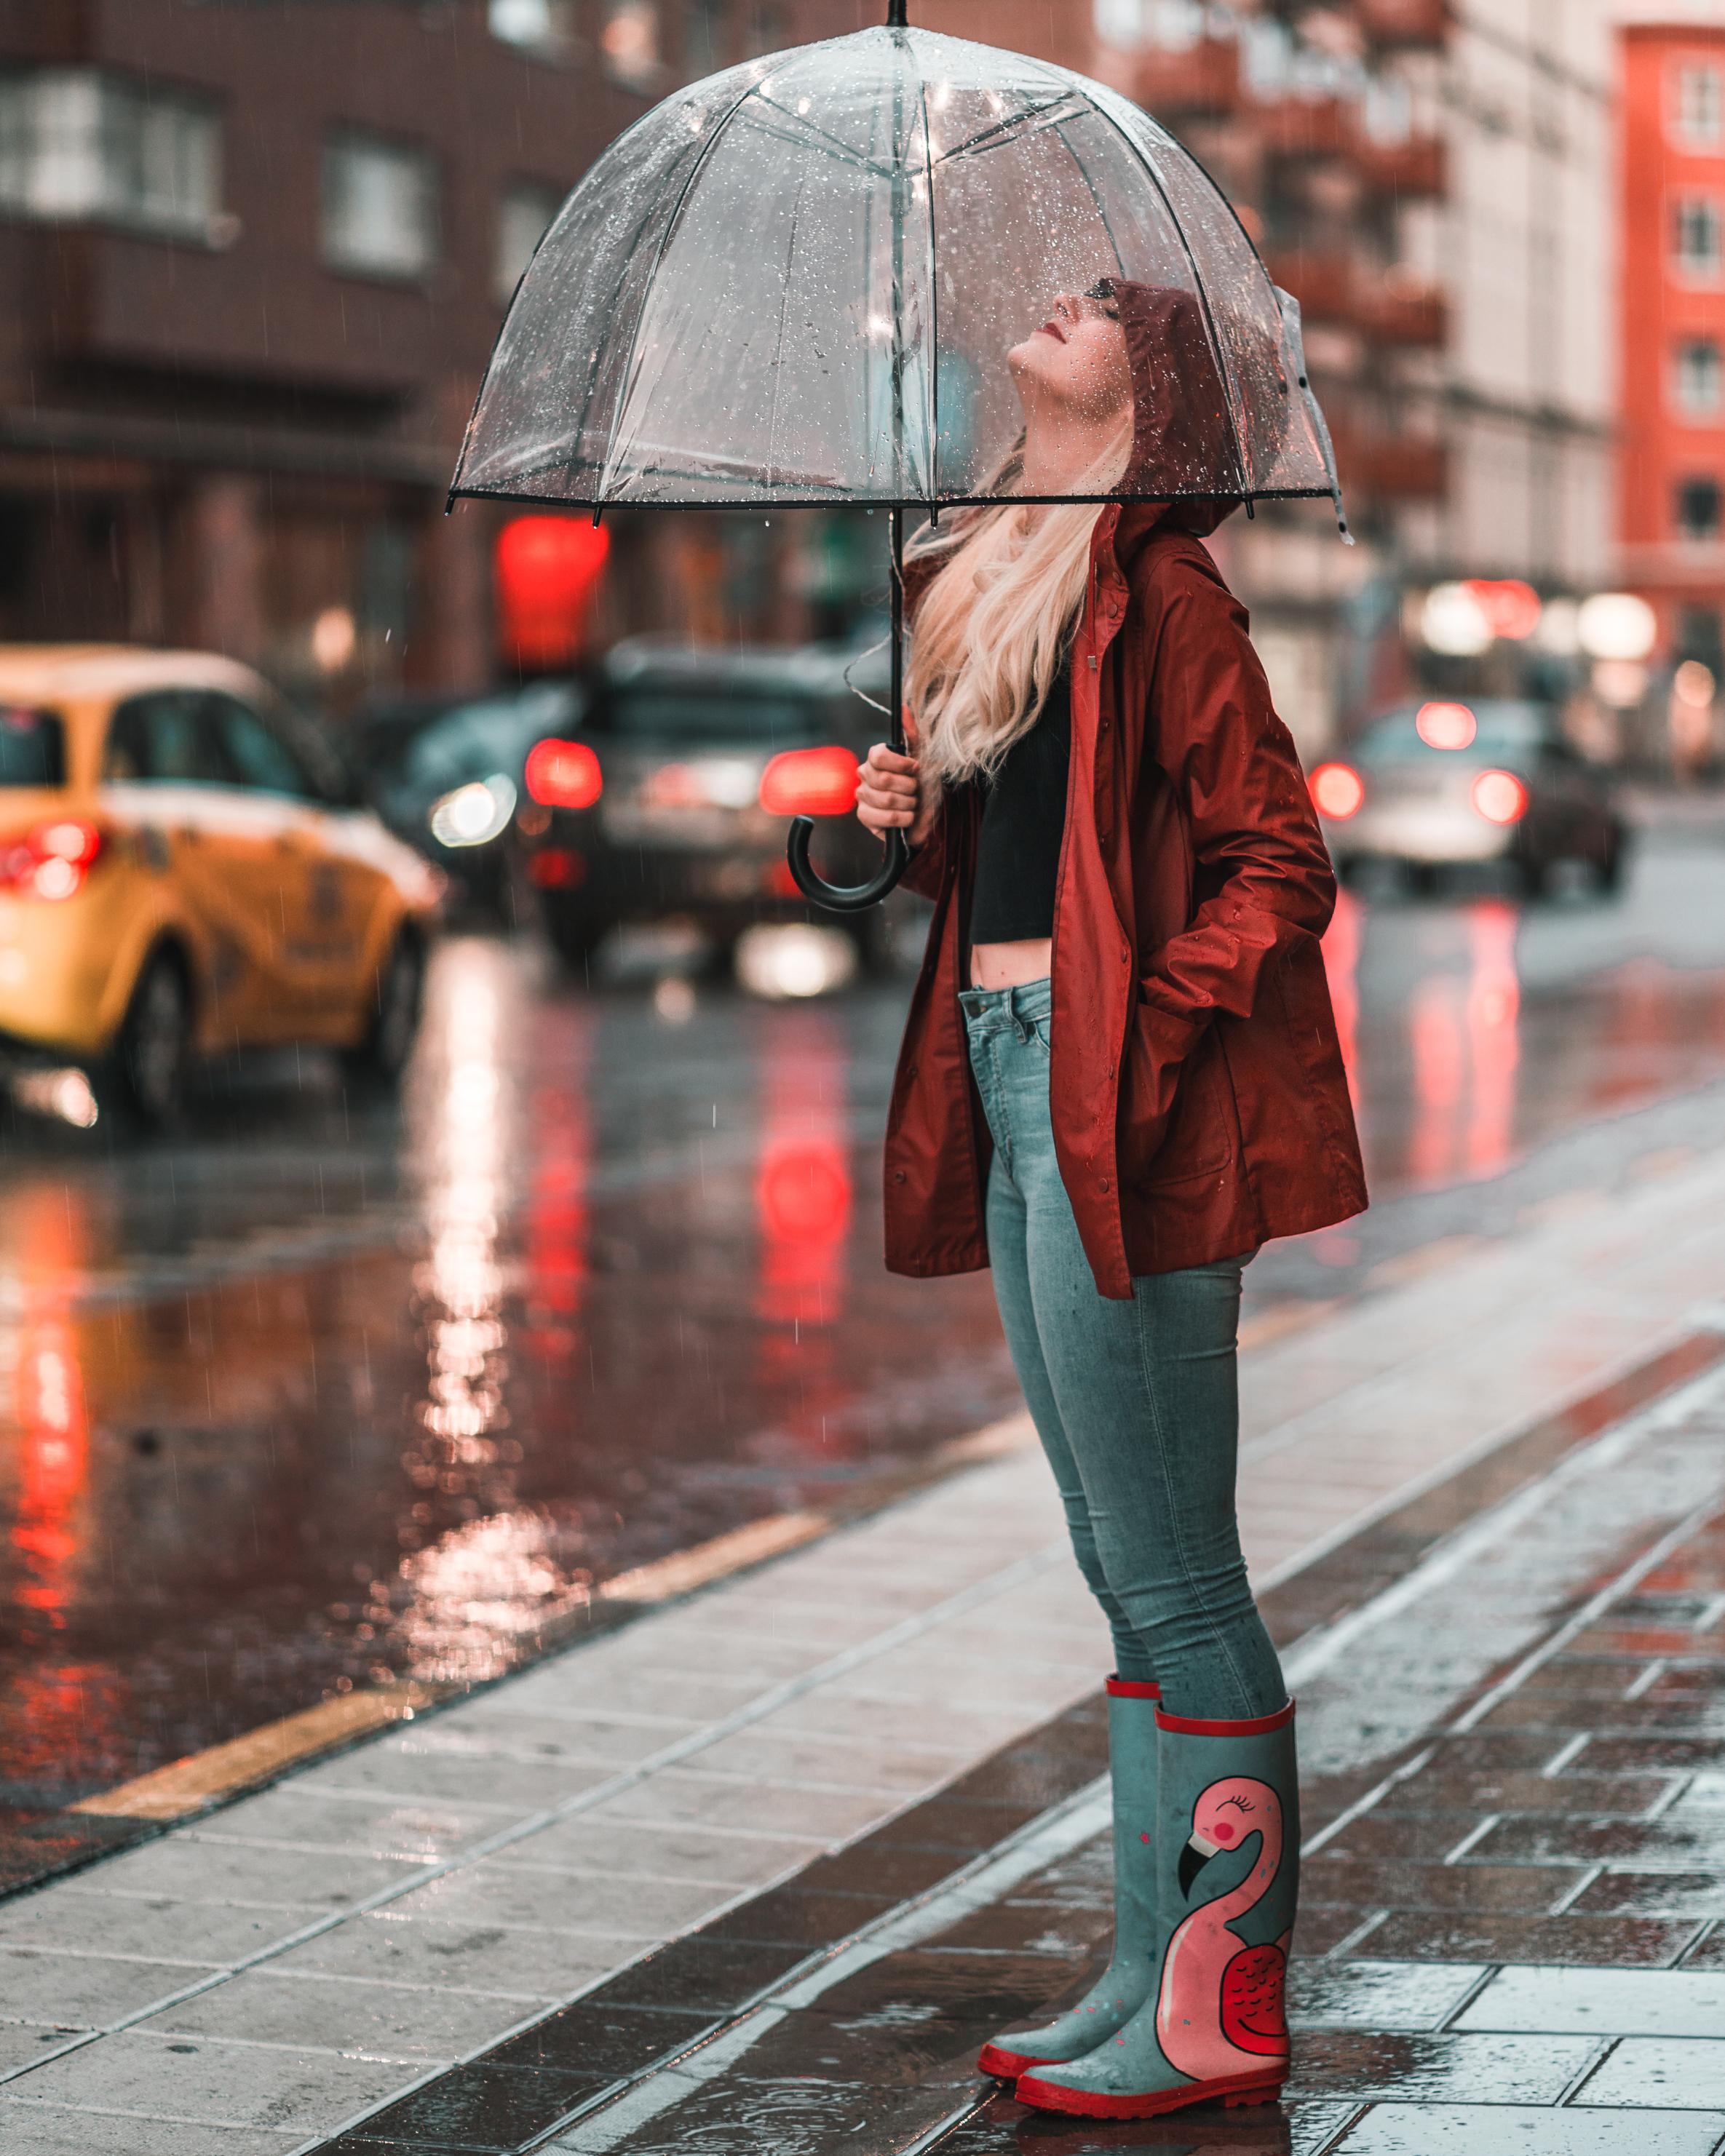 regn+stockholm+kungsholmen